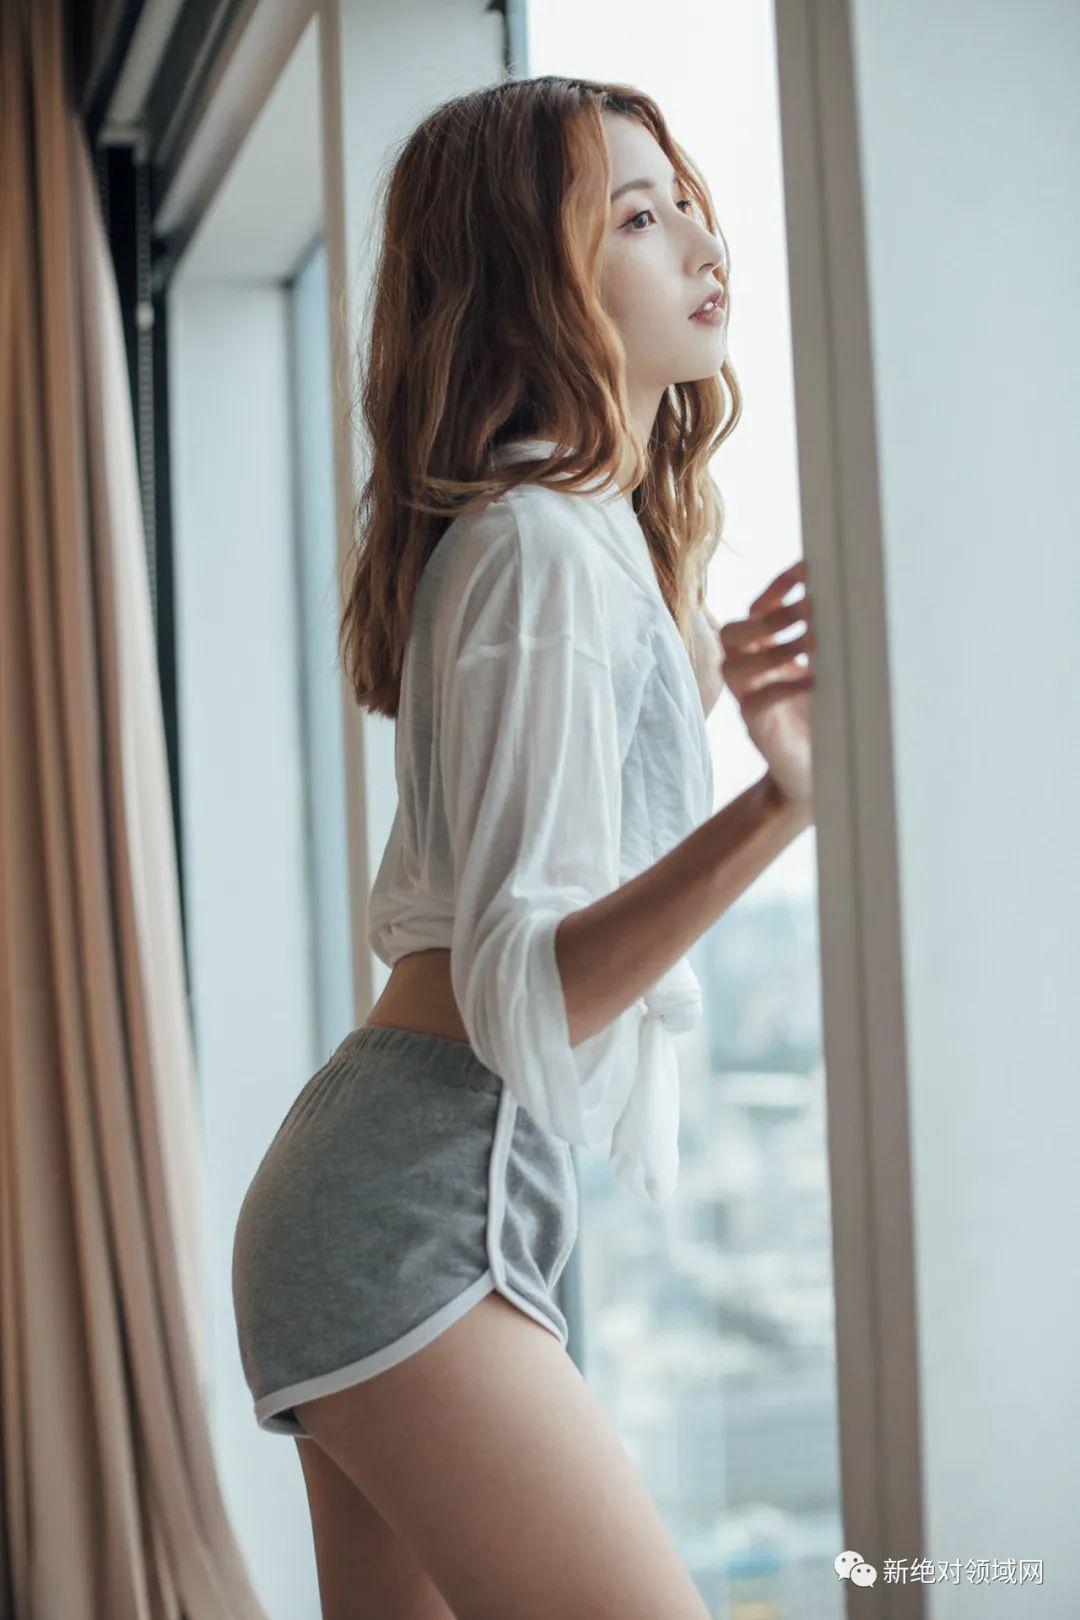 妹子摄影 – 钟爱的大长腿合集_图片 No.4